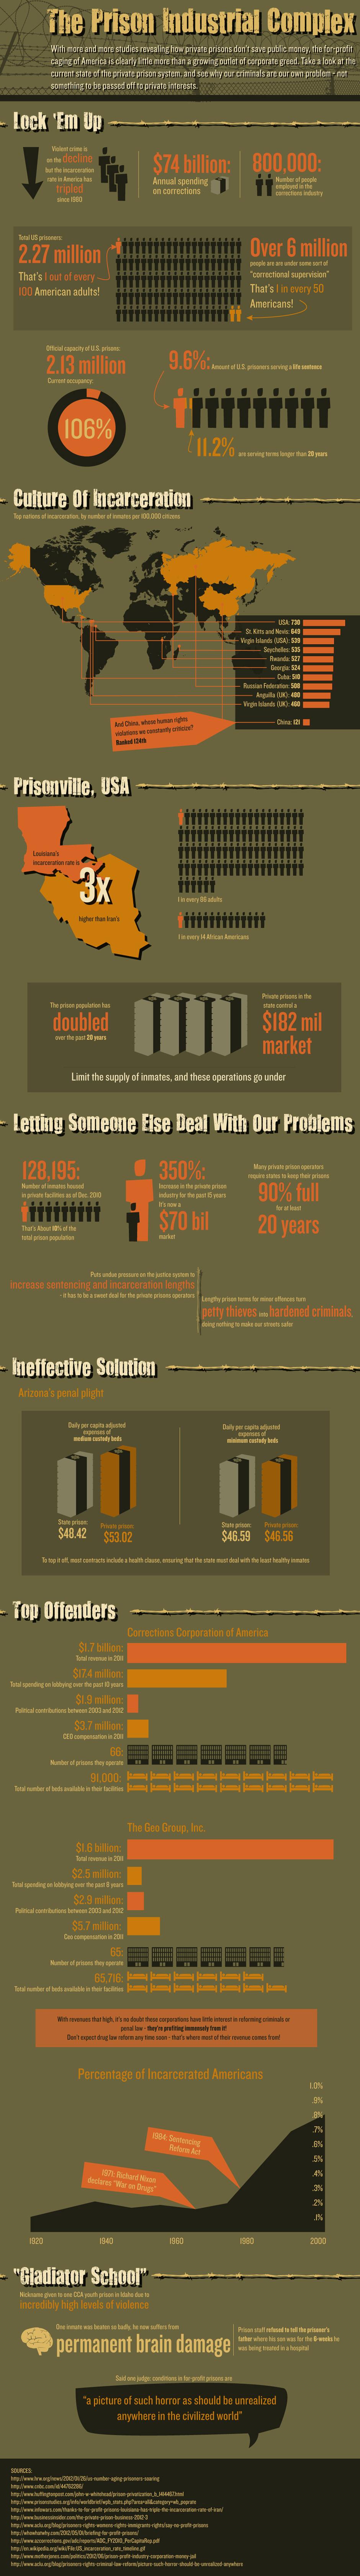 Private Prison System In Usa Prison Prison Reform Incarceration